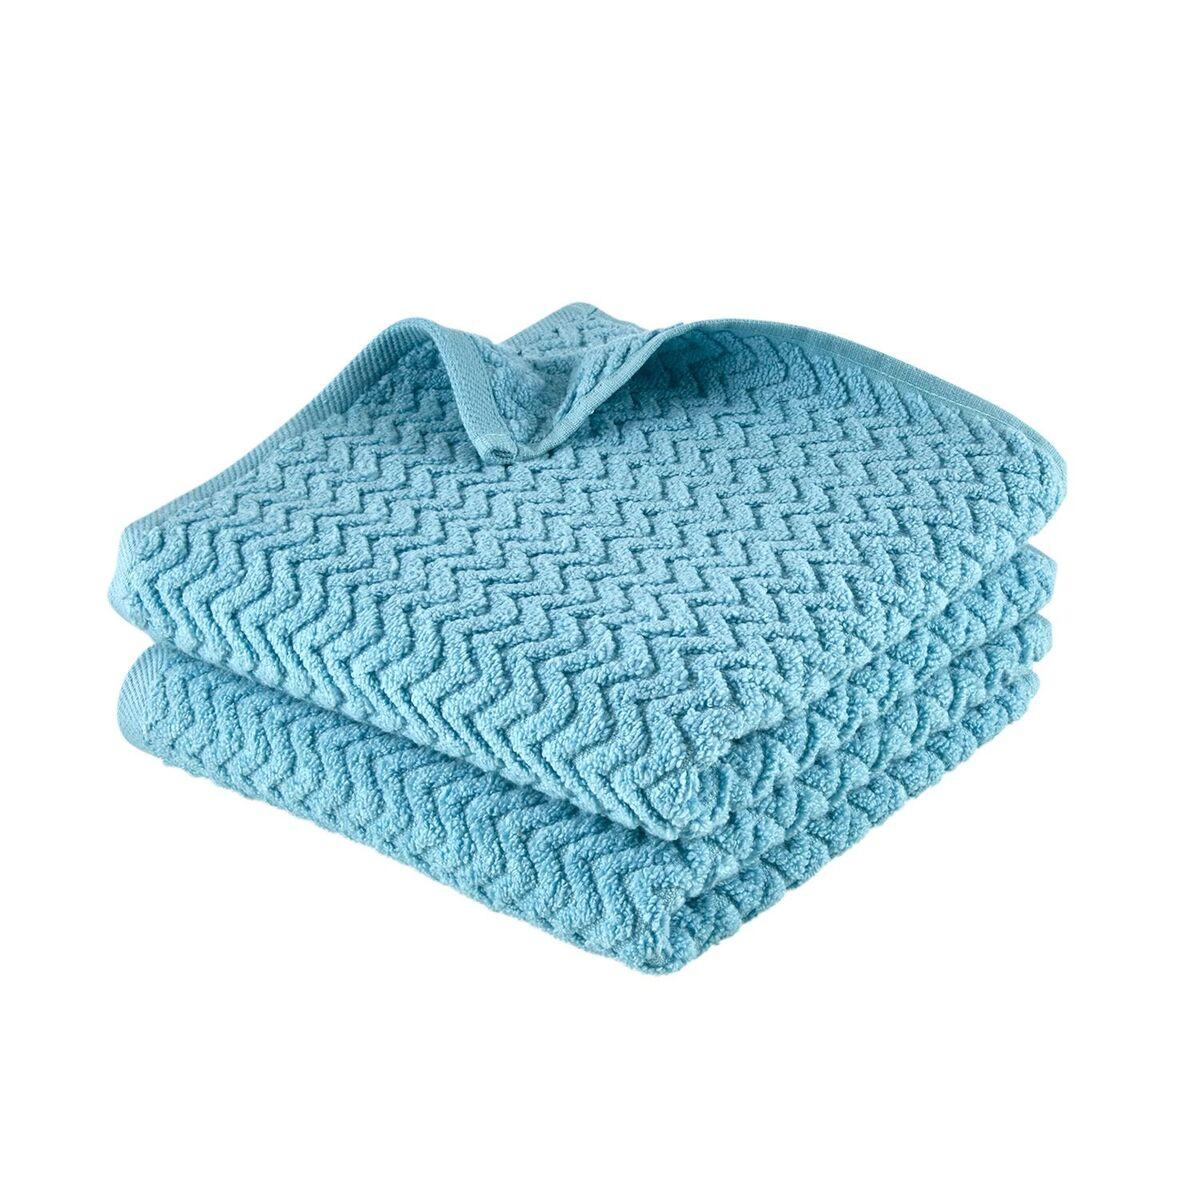 Bild 1 von tukan Flausch-Handtücher